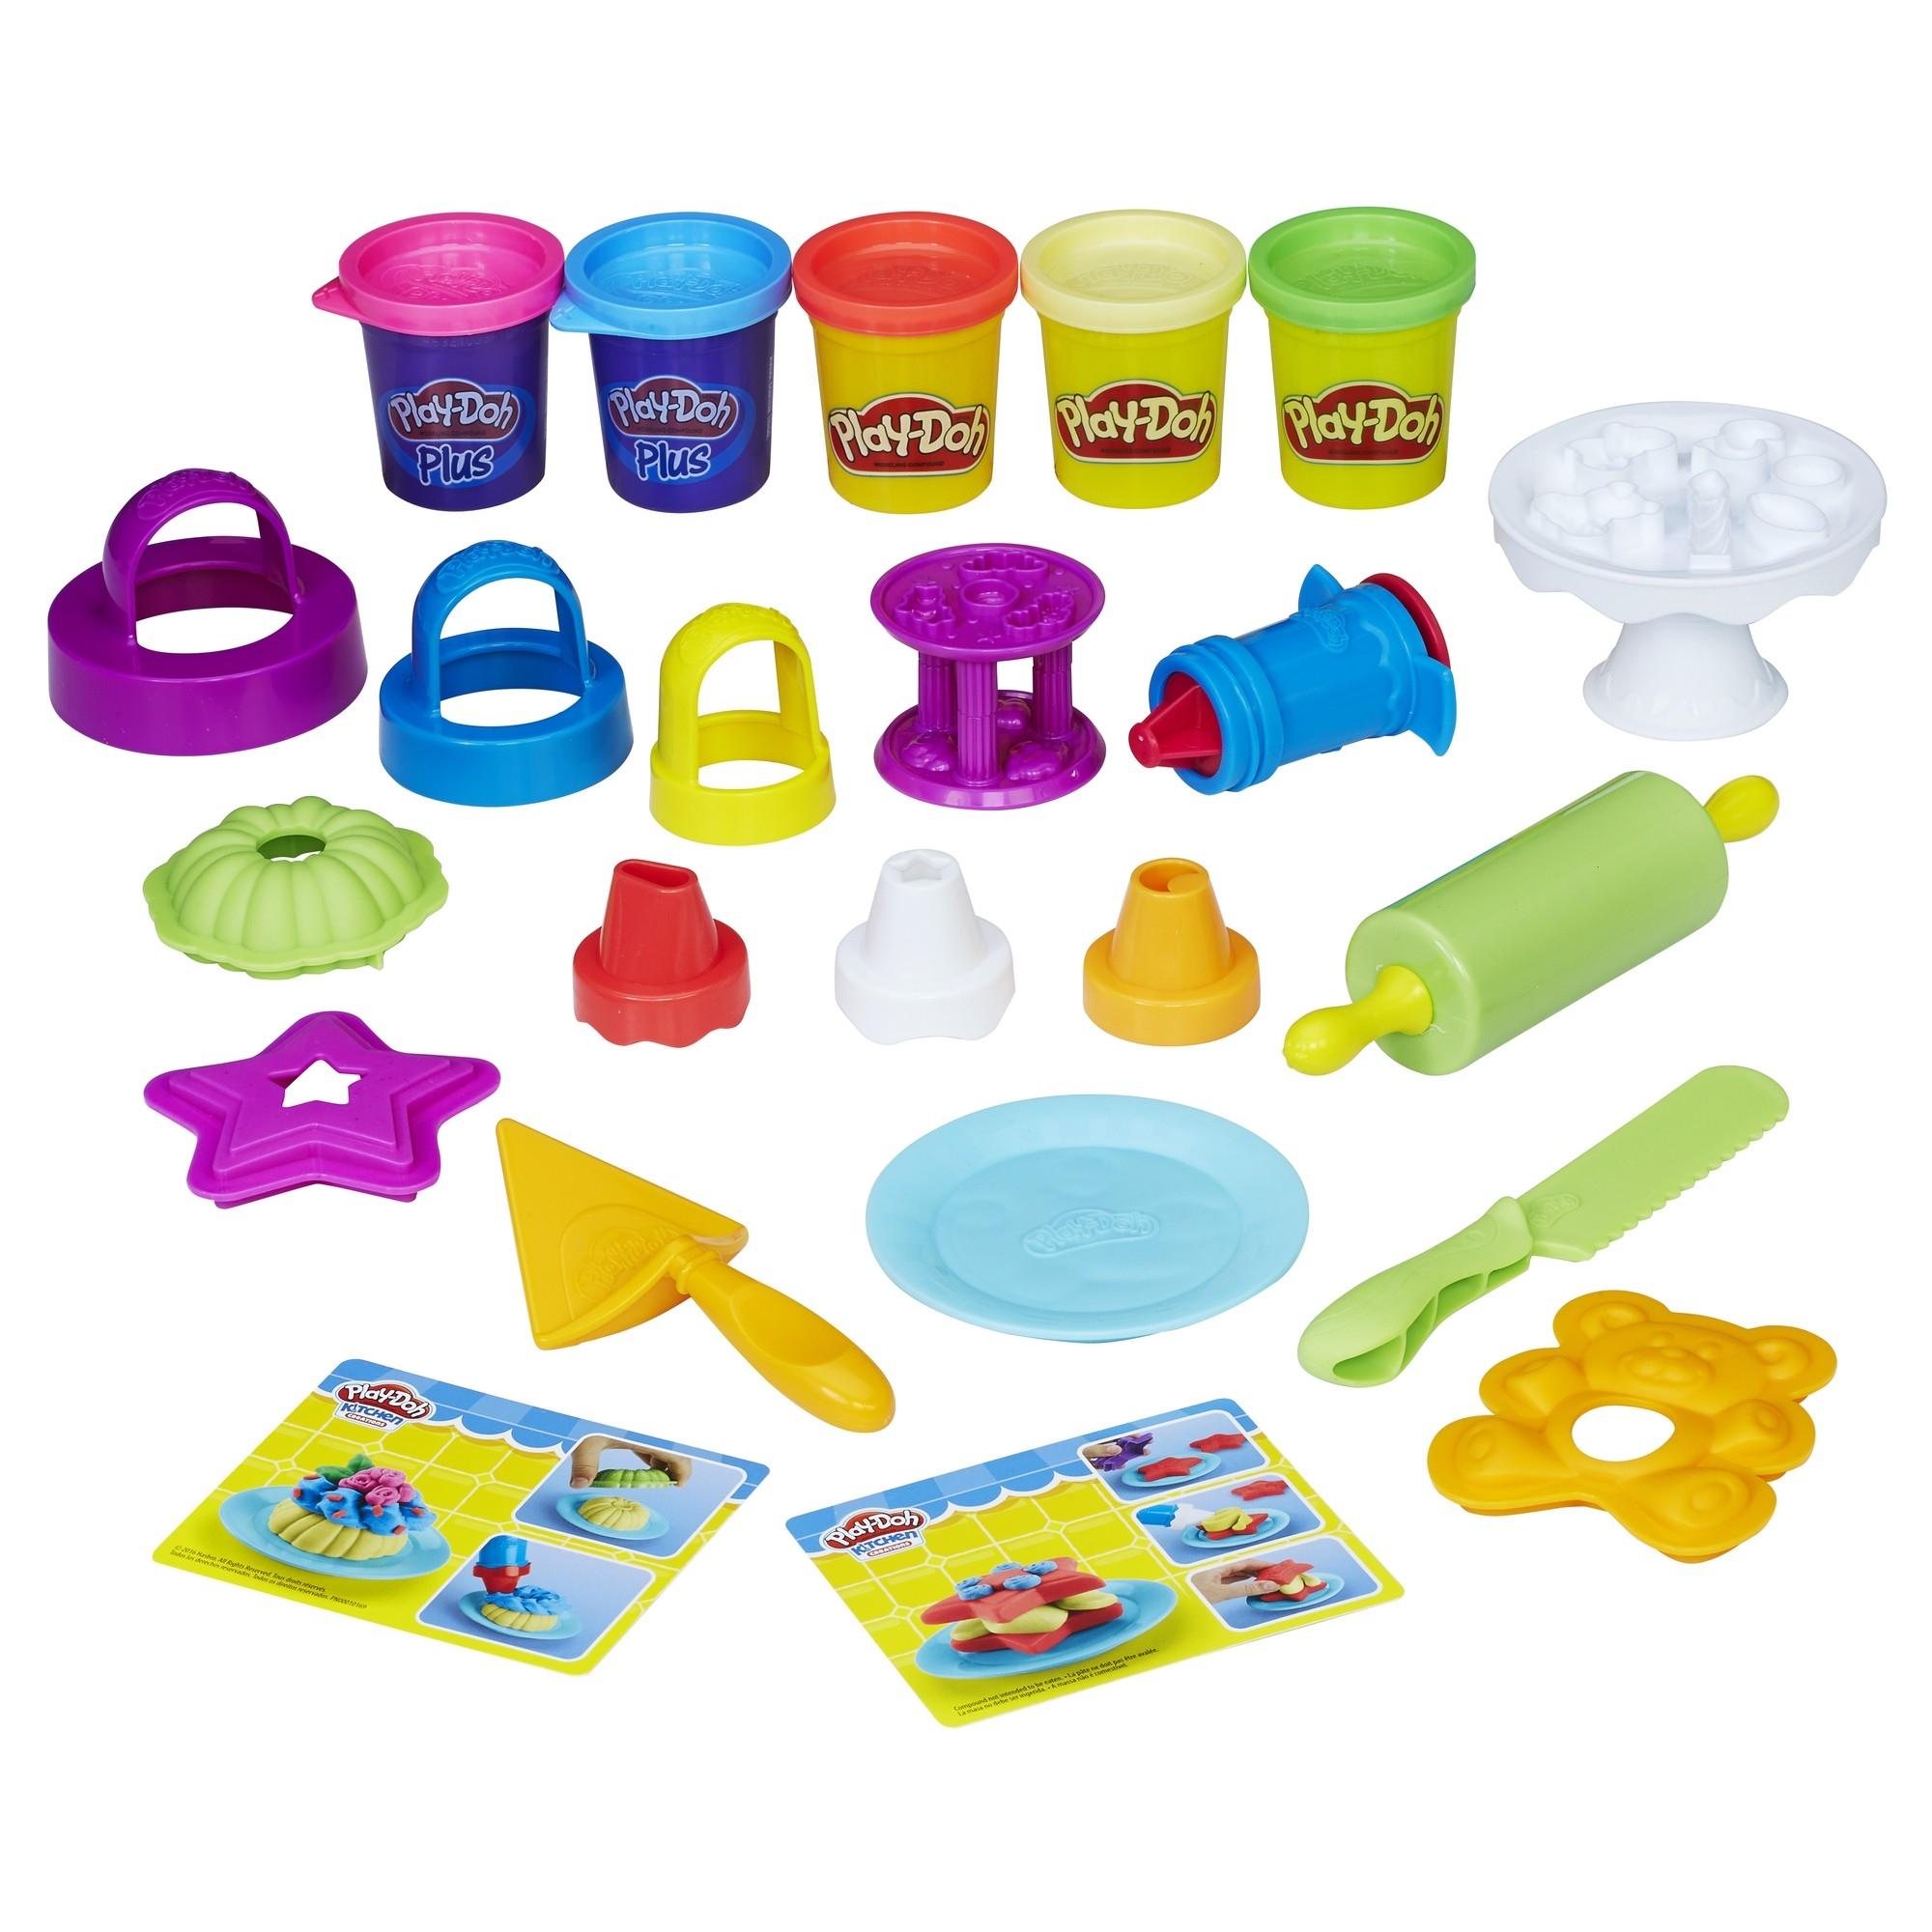 Купить Игровой набор, Набор для выпечки, 1шт., Play-Doh B9741121, Китай